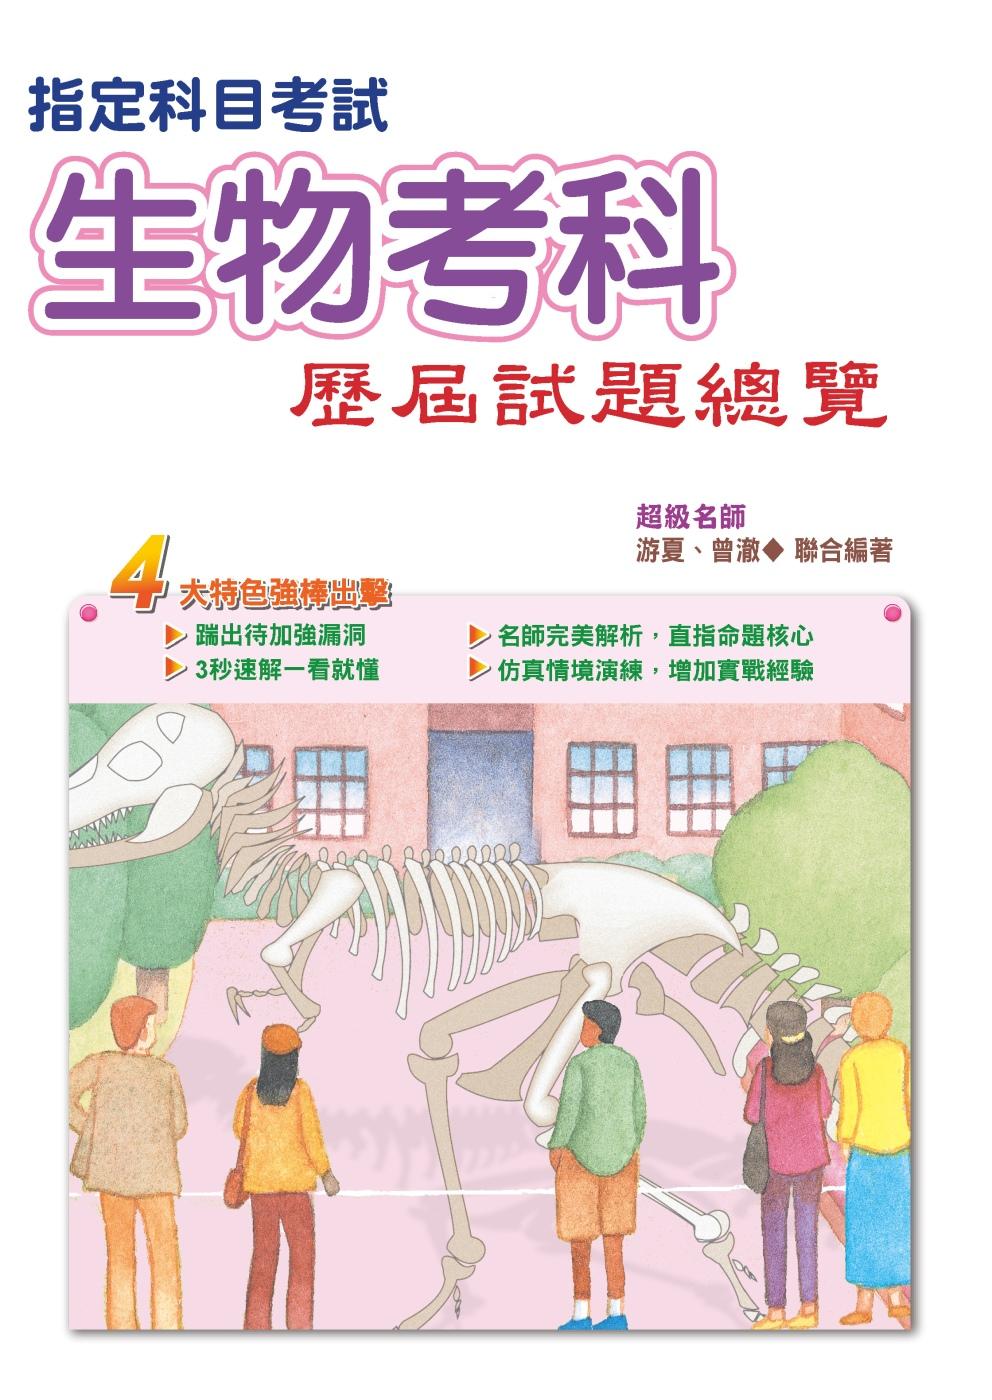 105指定科目考試生物考科歷屆試題總覽